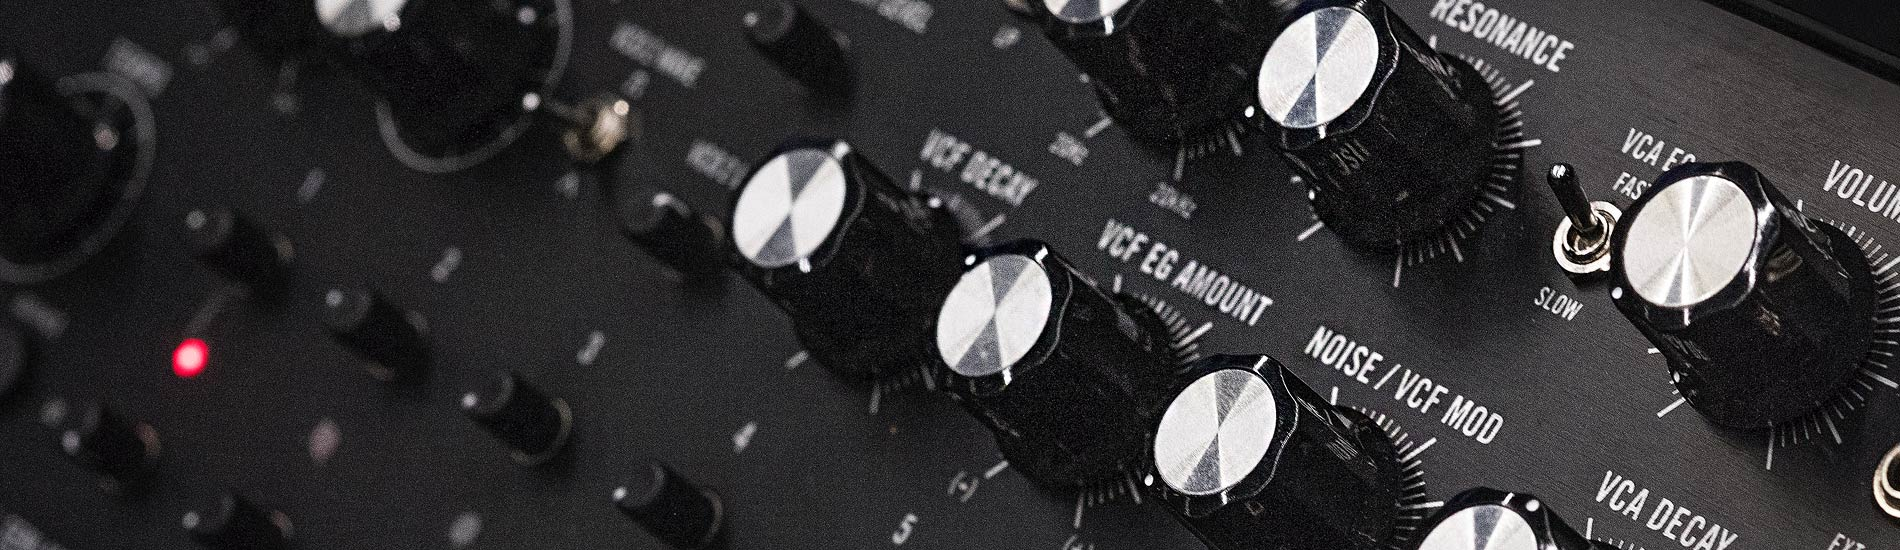 Metrica Recording Studio Ibiza, stereo binaural & 3D sound Mixing Mastering production music estudio de grabación Ibiza sonido masterización producción musical